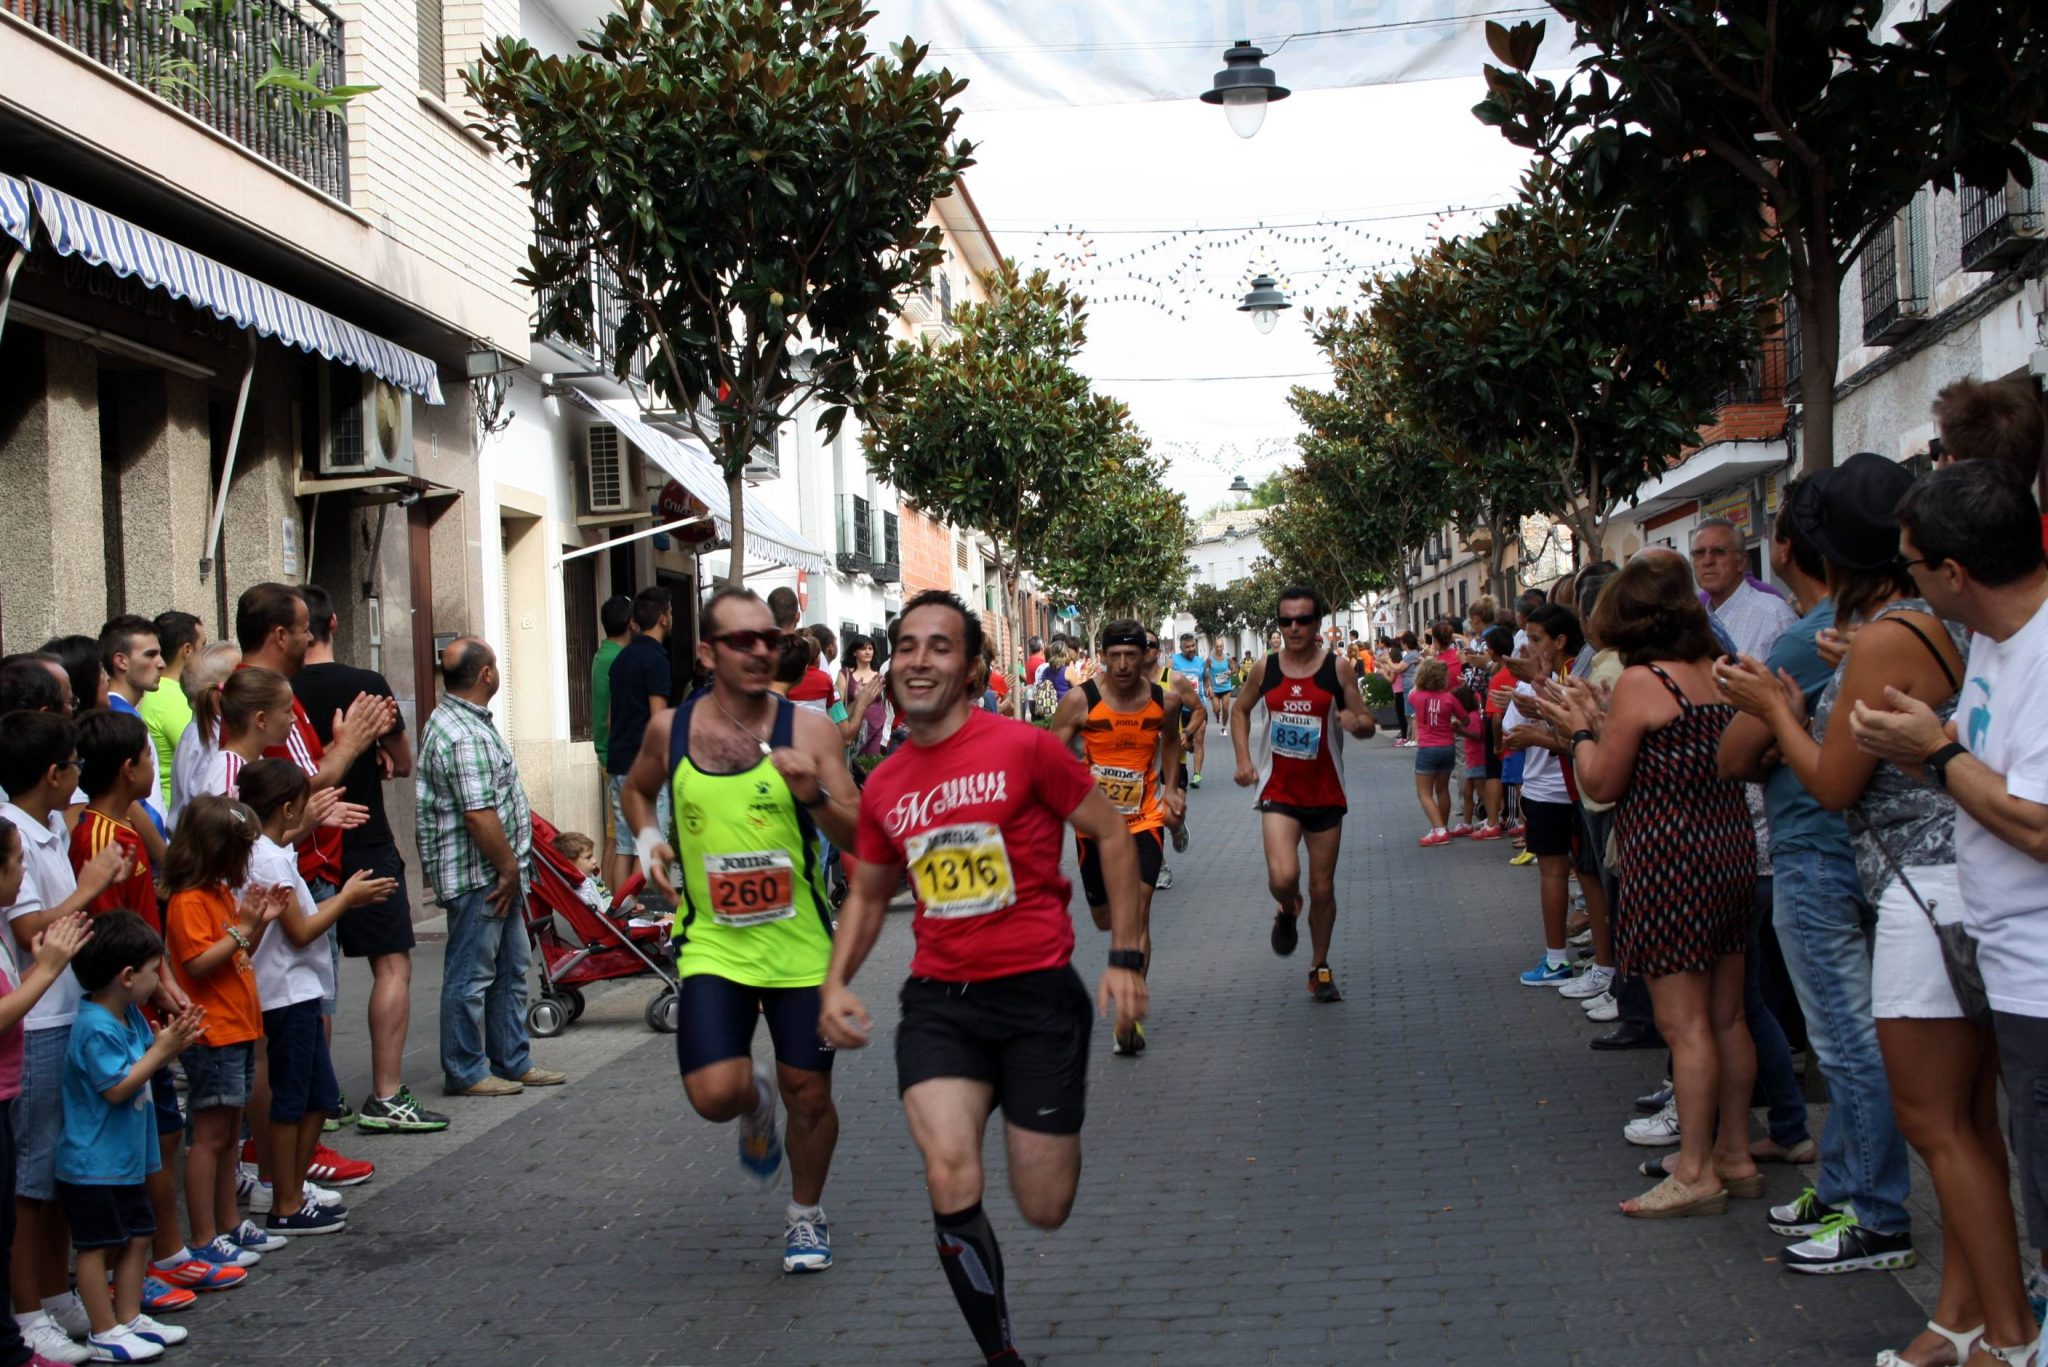 Récord histórico en la 37ª Medio Maratón Ciudad Real-Torralba, la más antigua de Castilla-La Mancha, con más de 550 inscritos